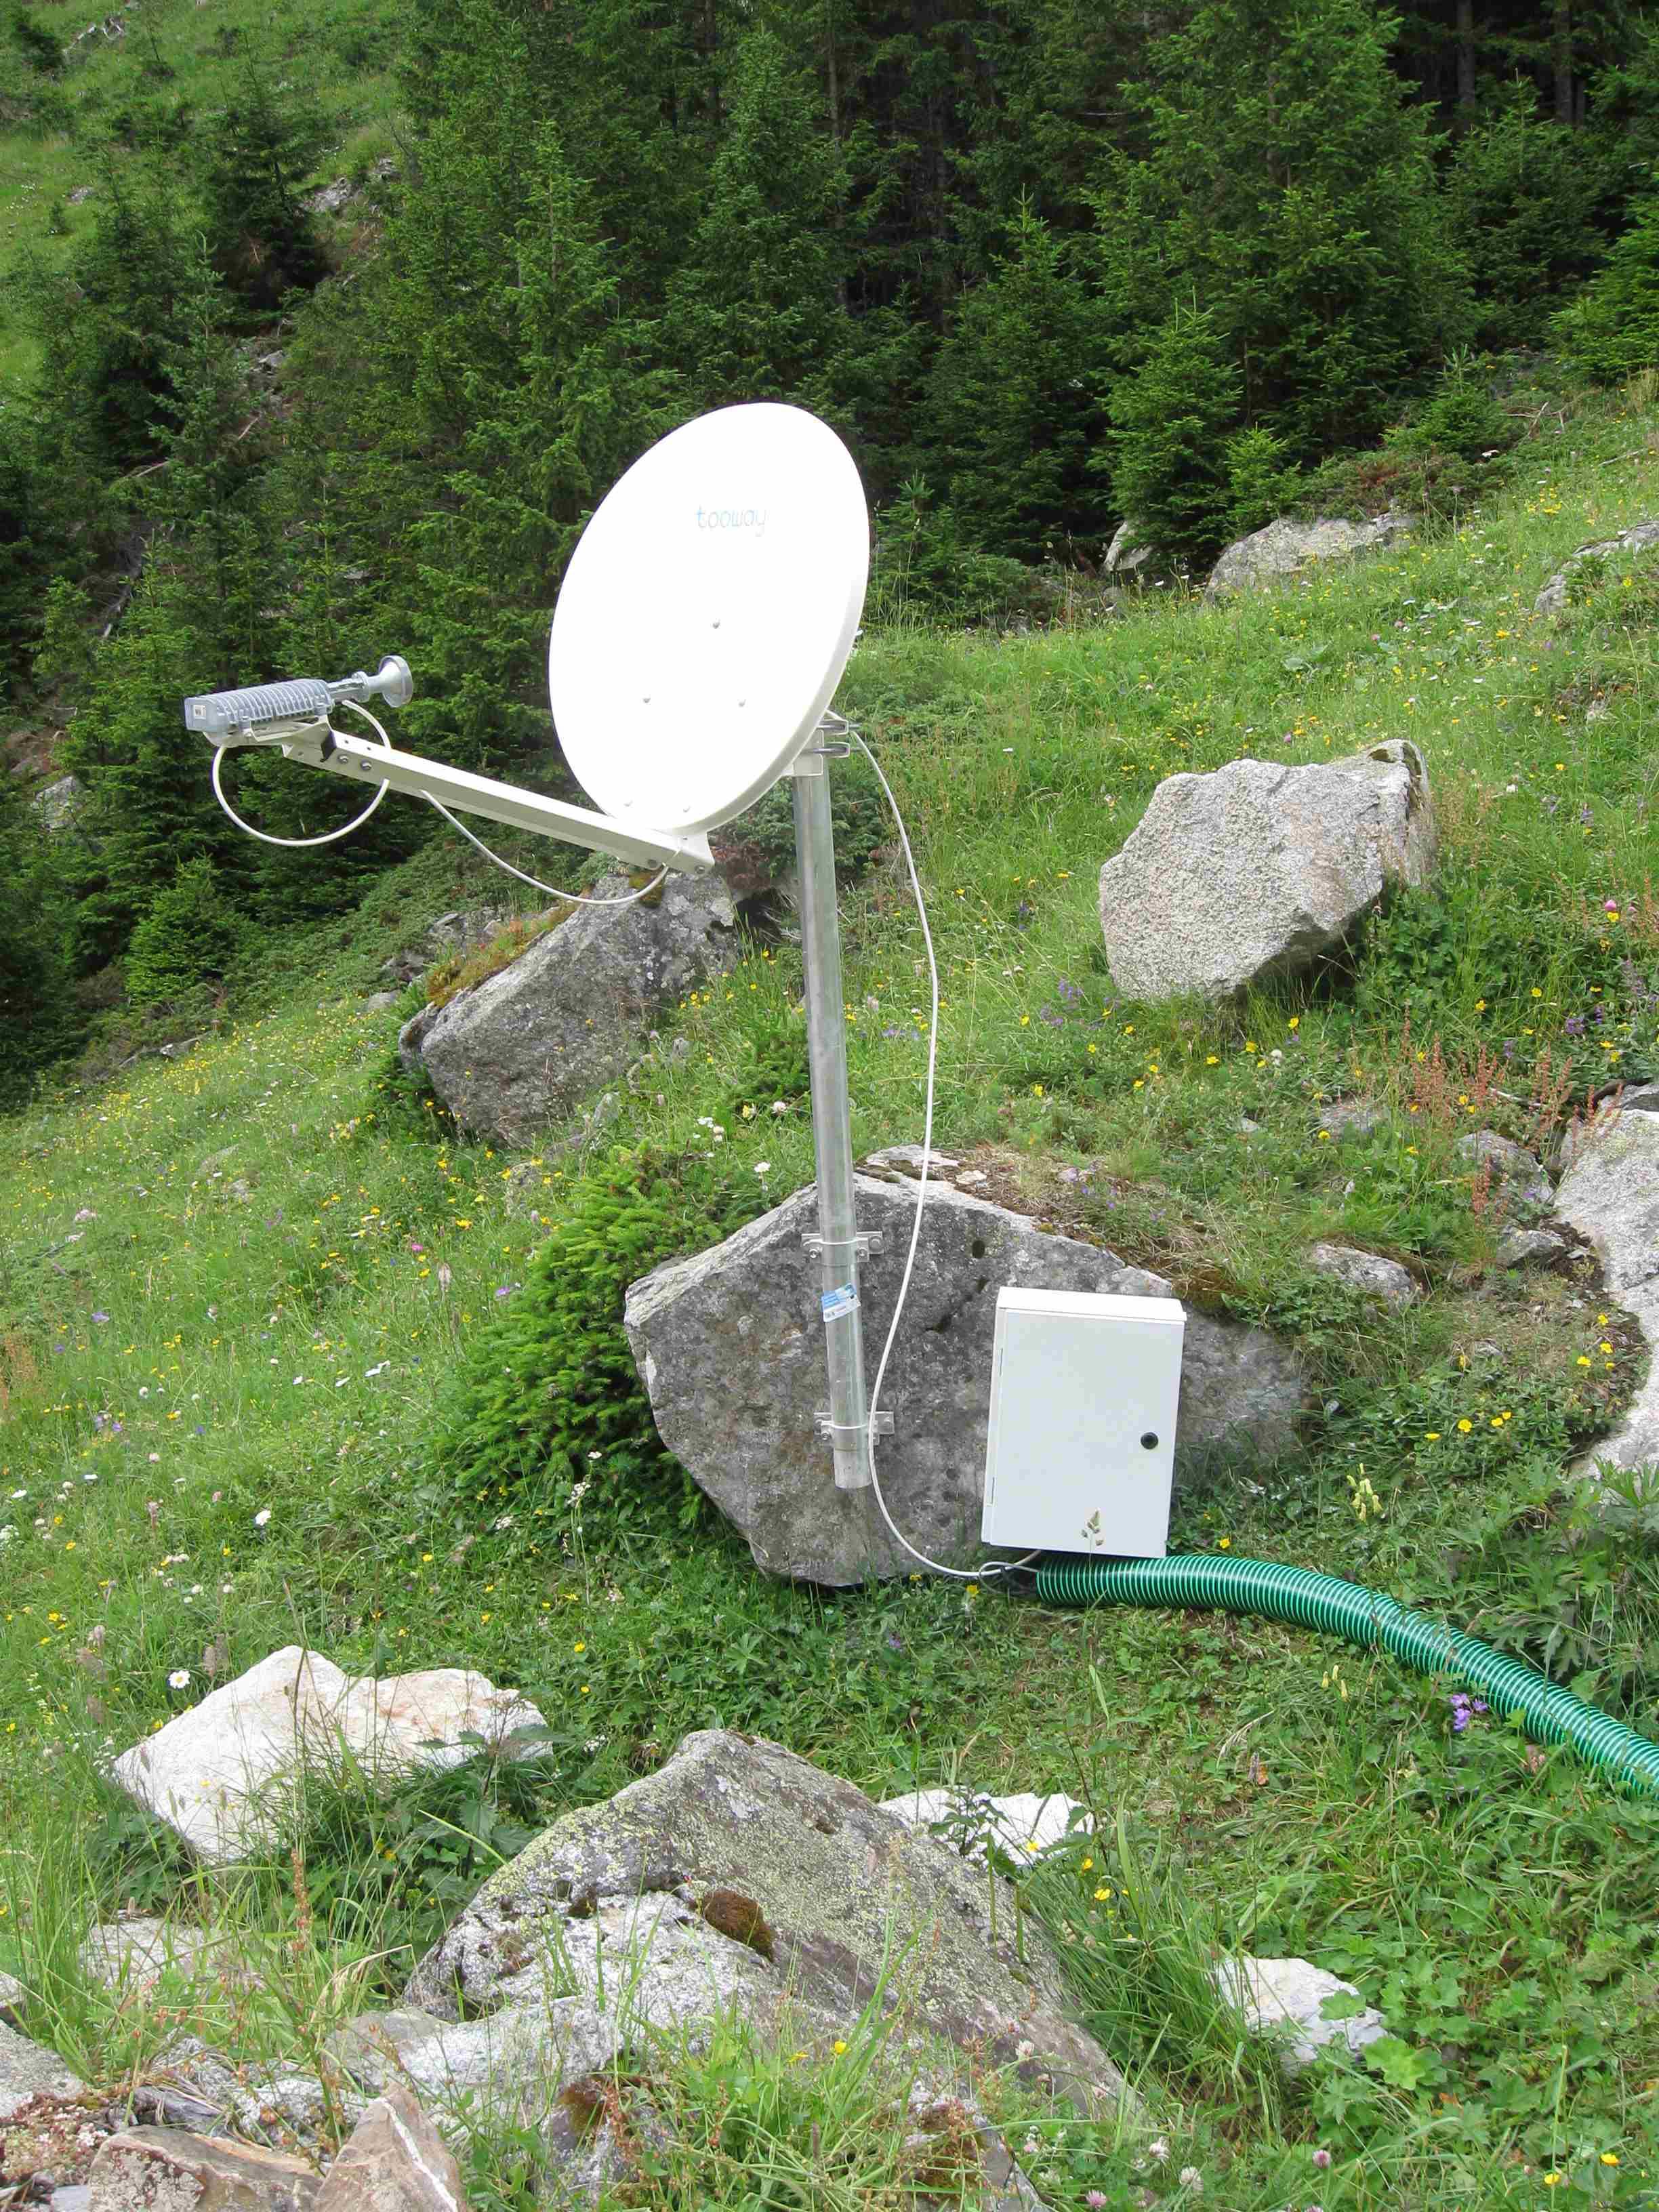 Satellitenschüssel für Internet mit Stromkasten